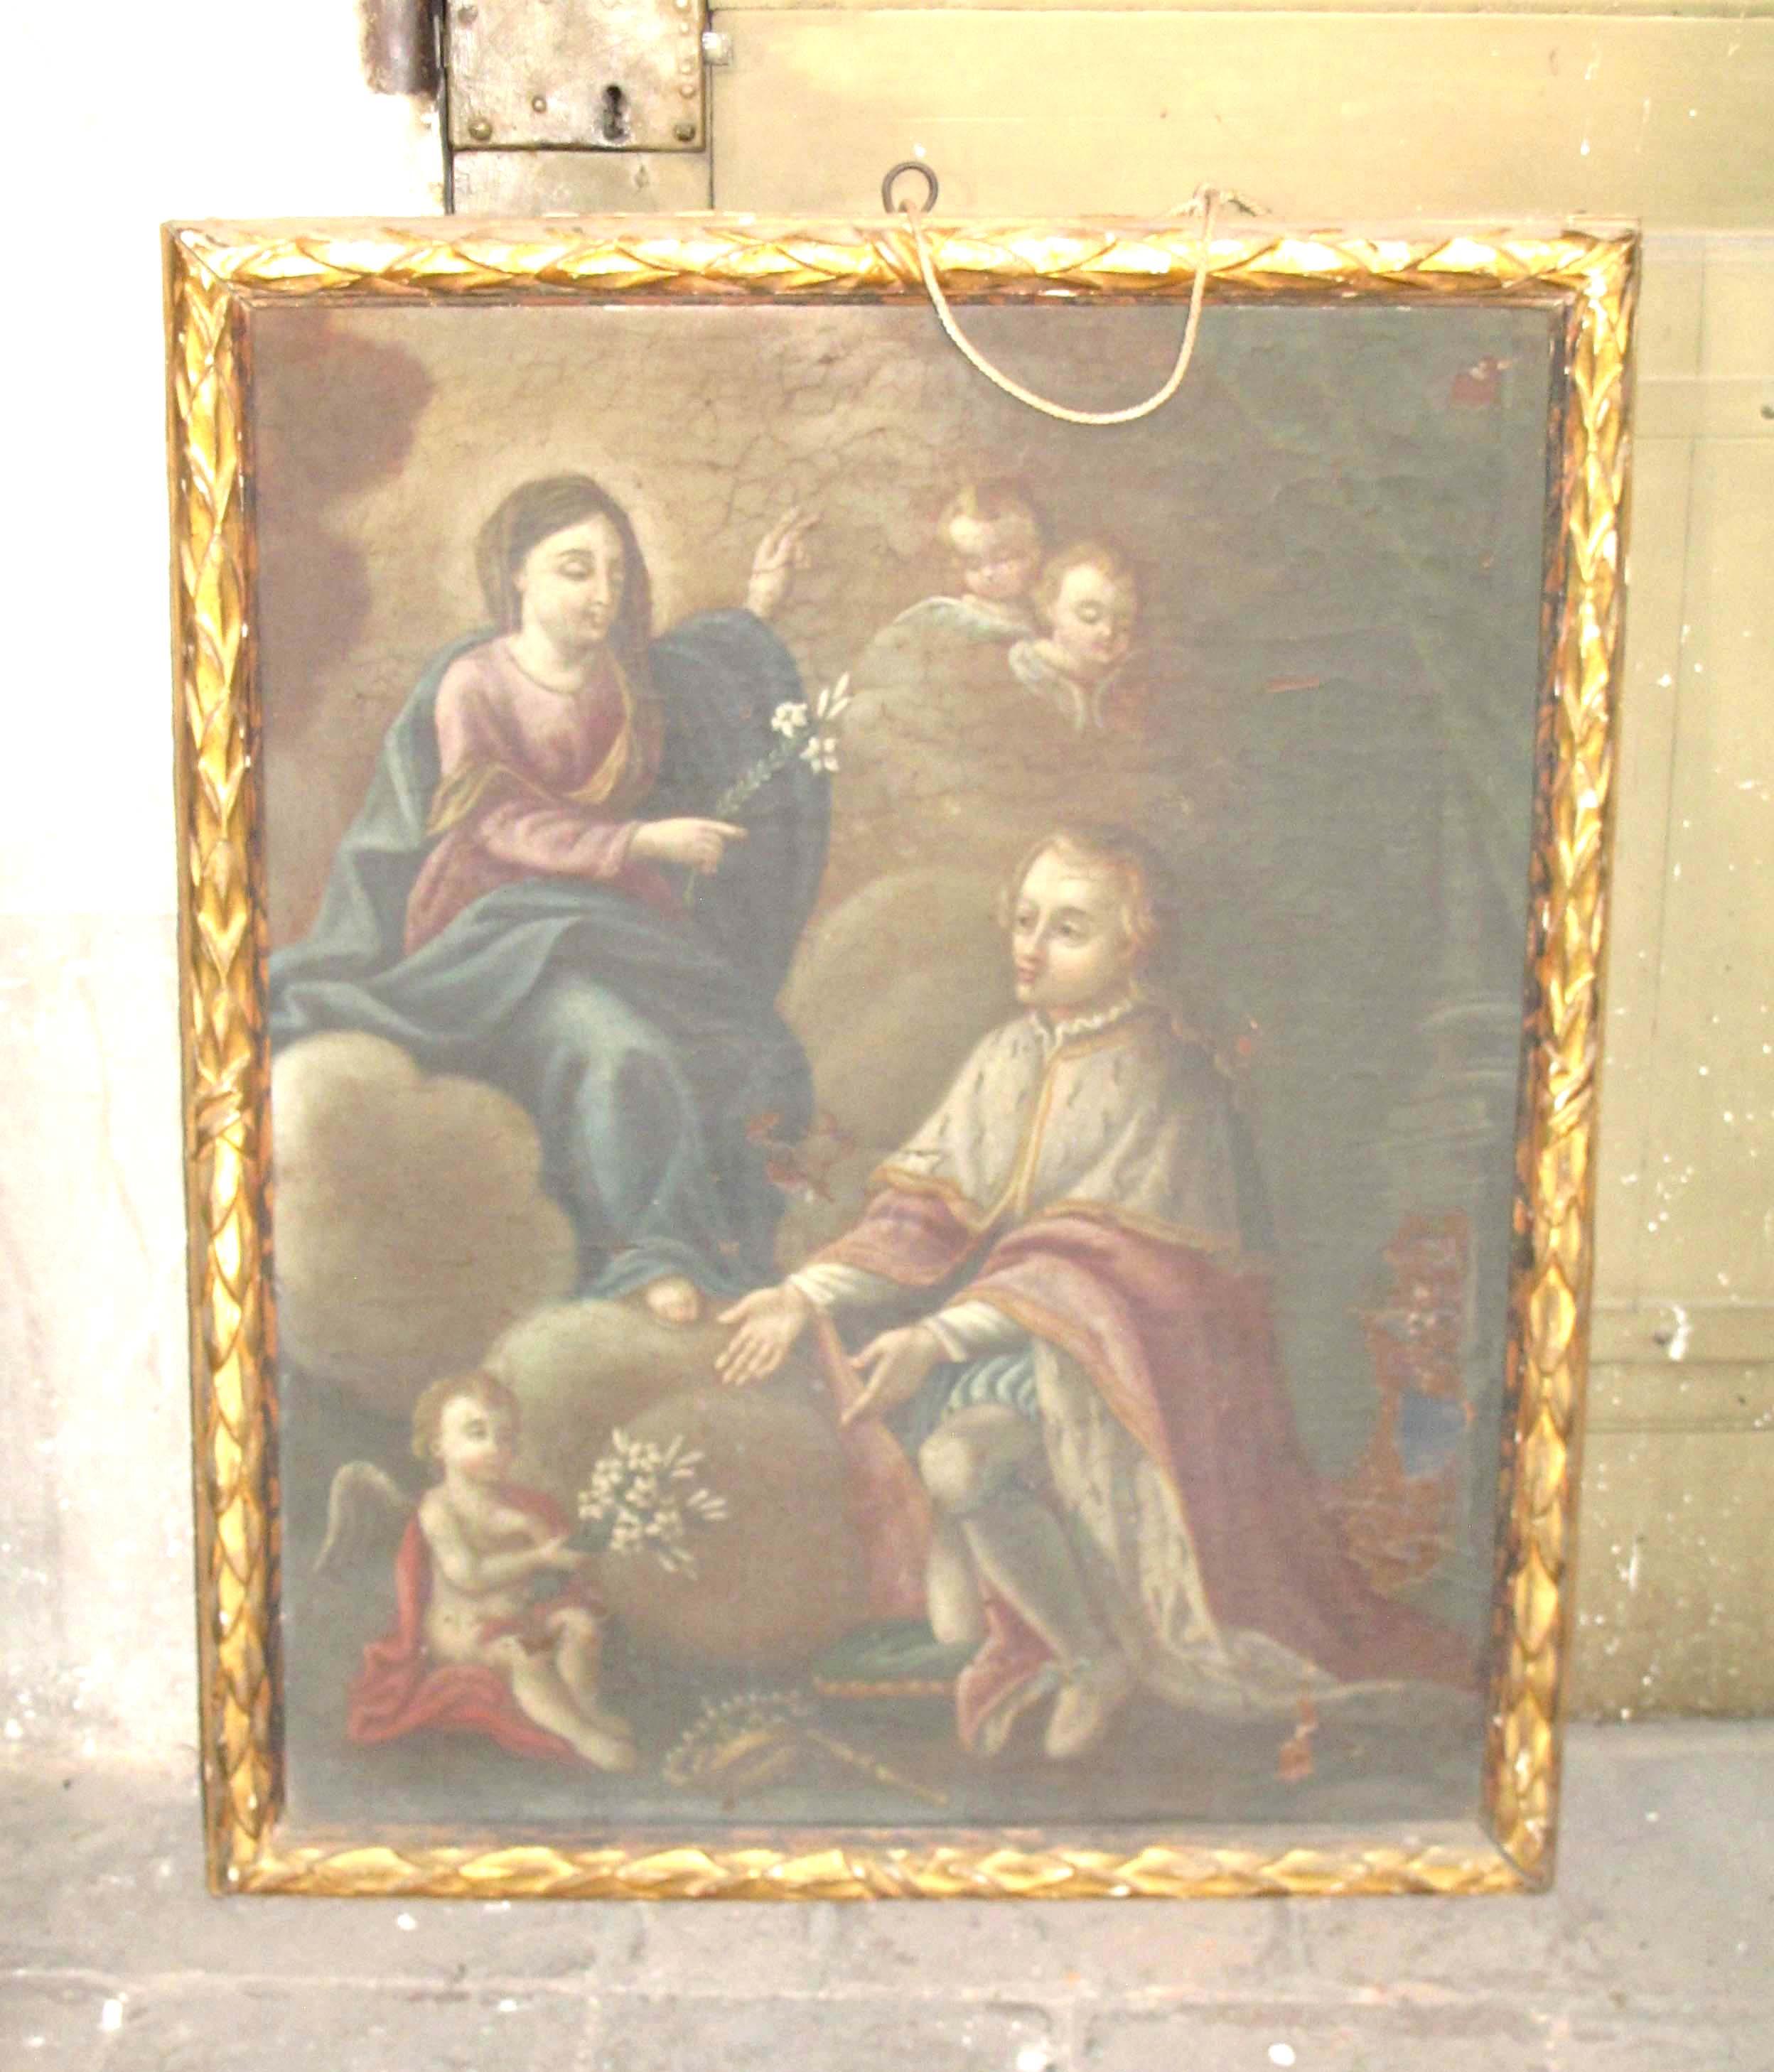 IGNOTO PITTORE PIEMONTESE, La Vergine Maria appare a San Luigi di Francia (fine sec. XVIII).